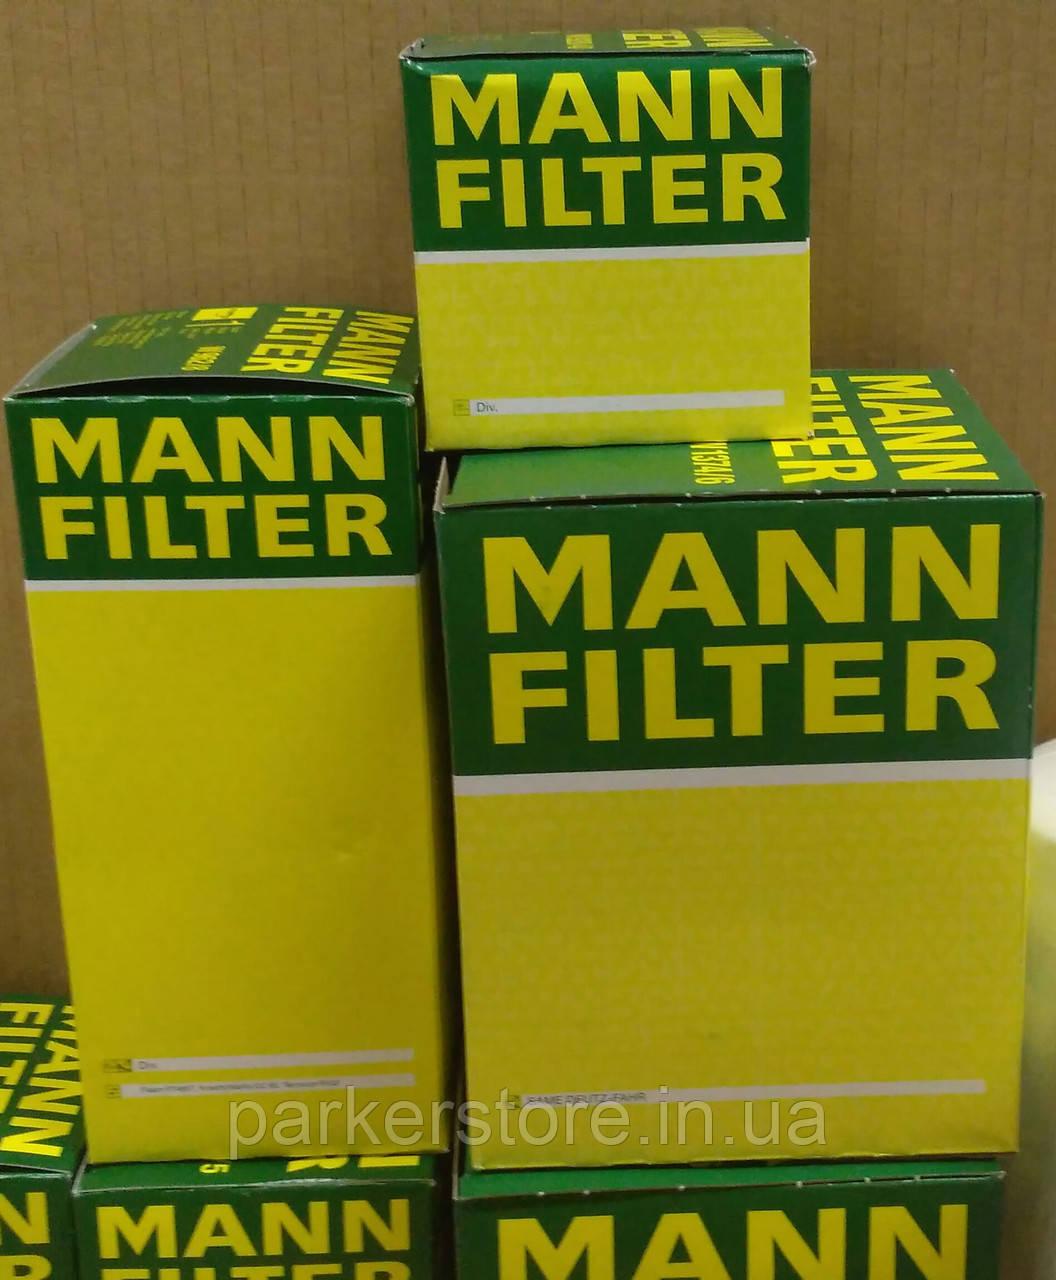 MANN FILTER / Воздушный фильтр / C 24 026 / C24026